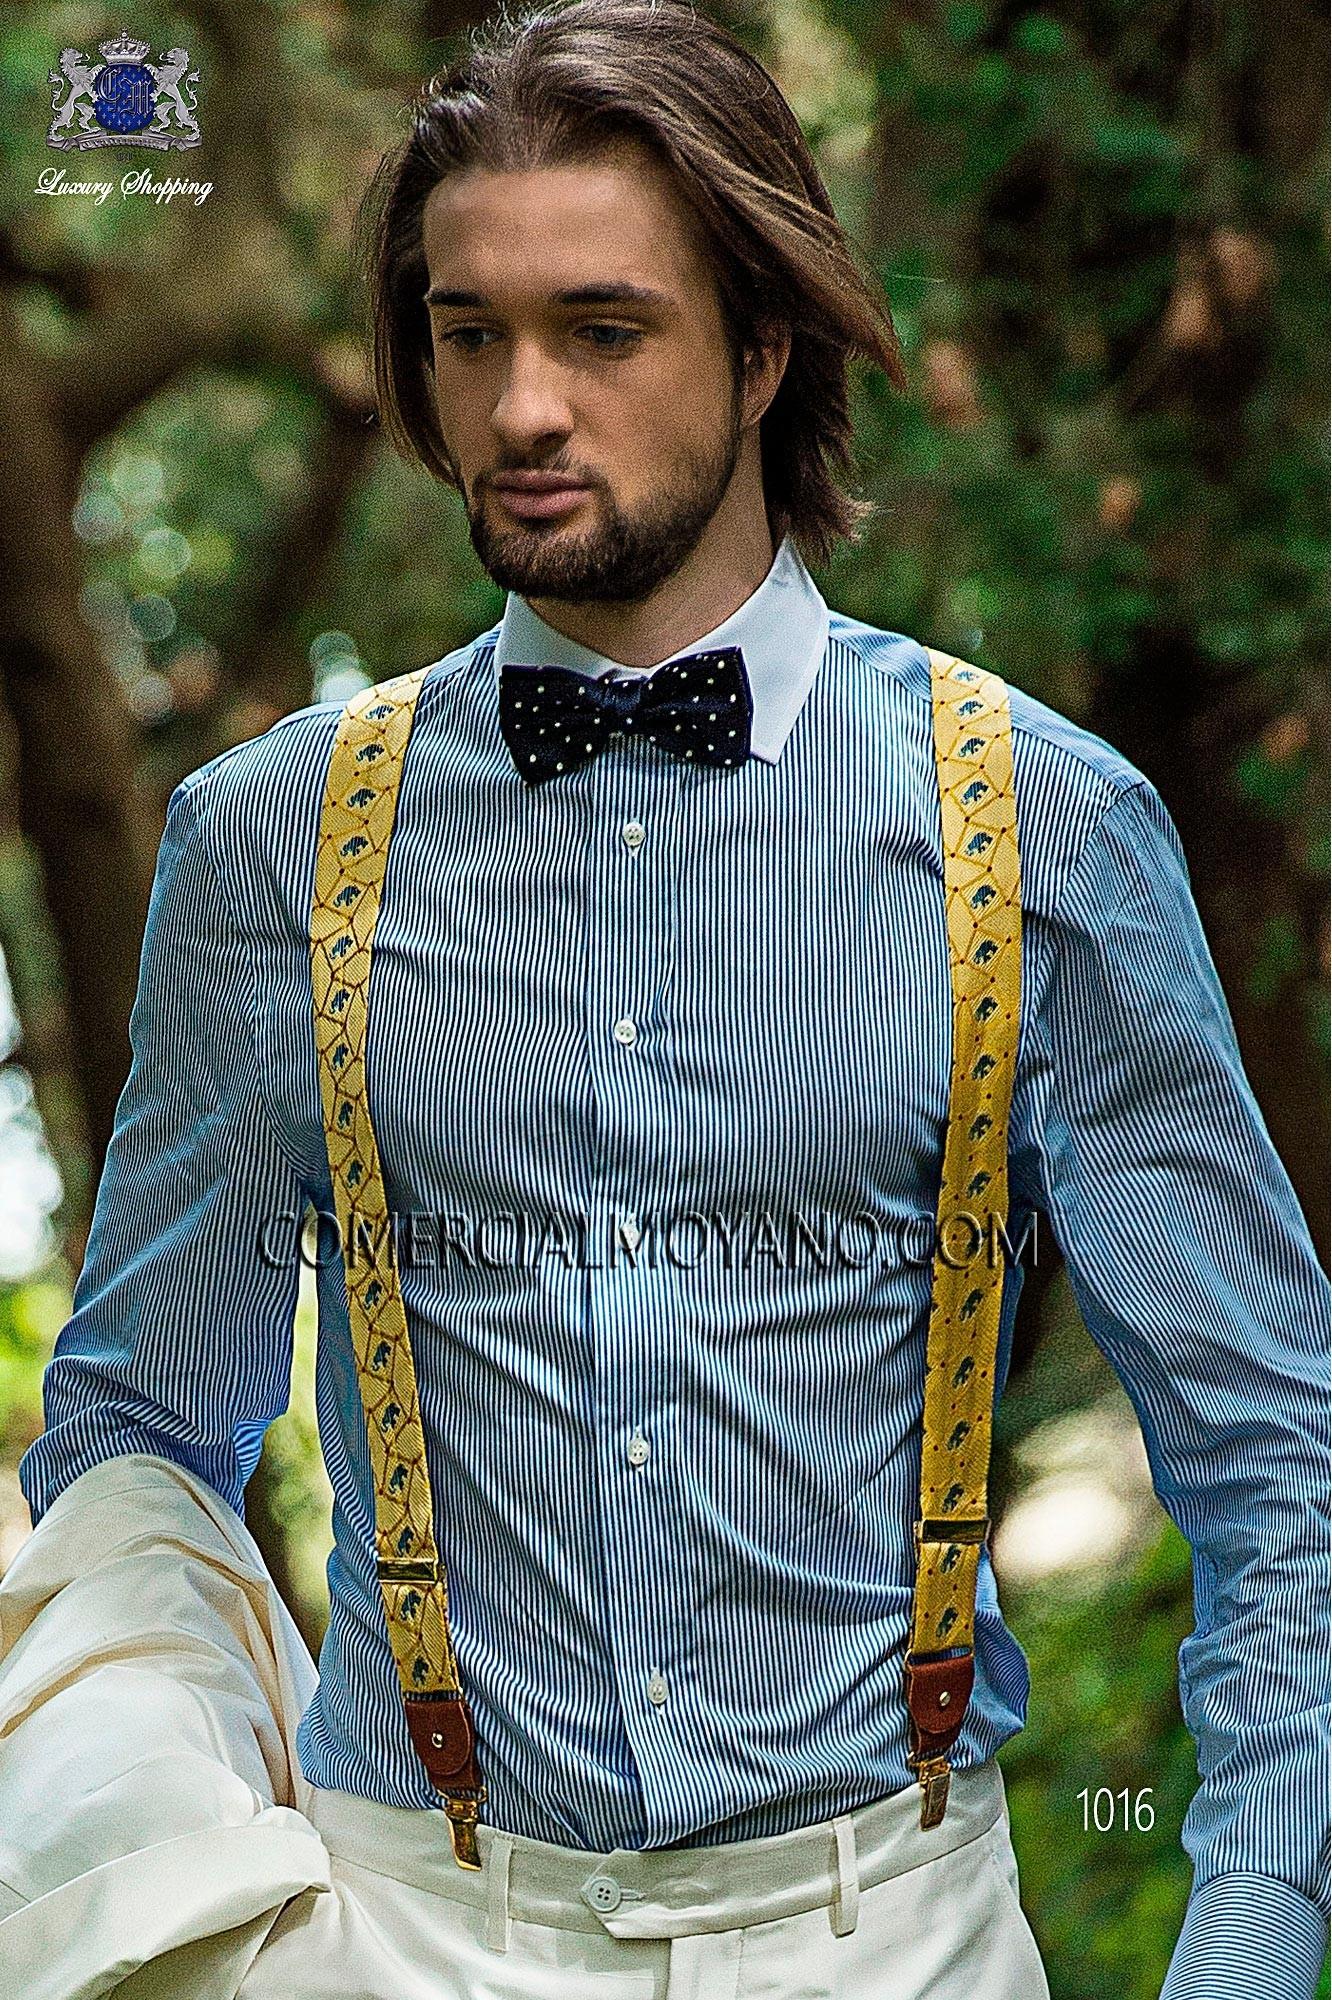 Tirantes en tejido de seda jacquard con predominio de color oro - azul. Sujeción en cuero con botones negros, en delantero y en espalda.